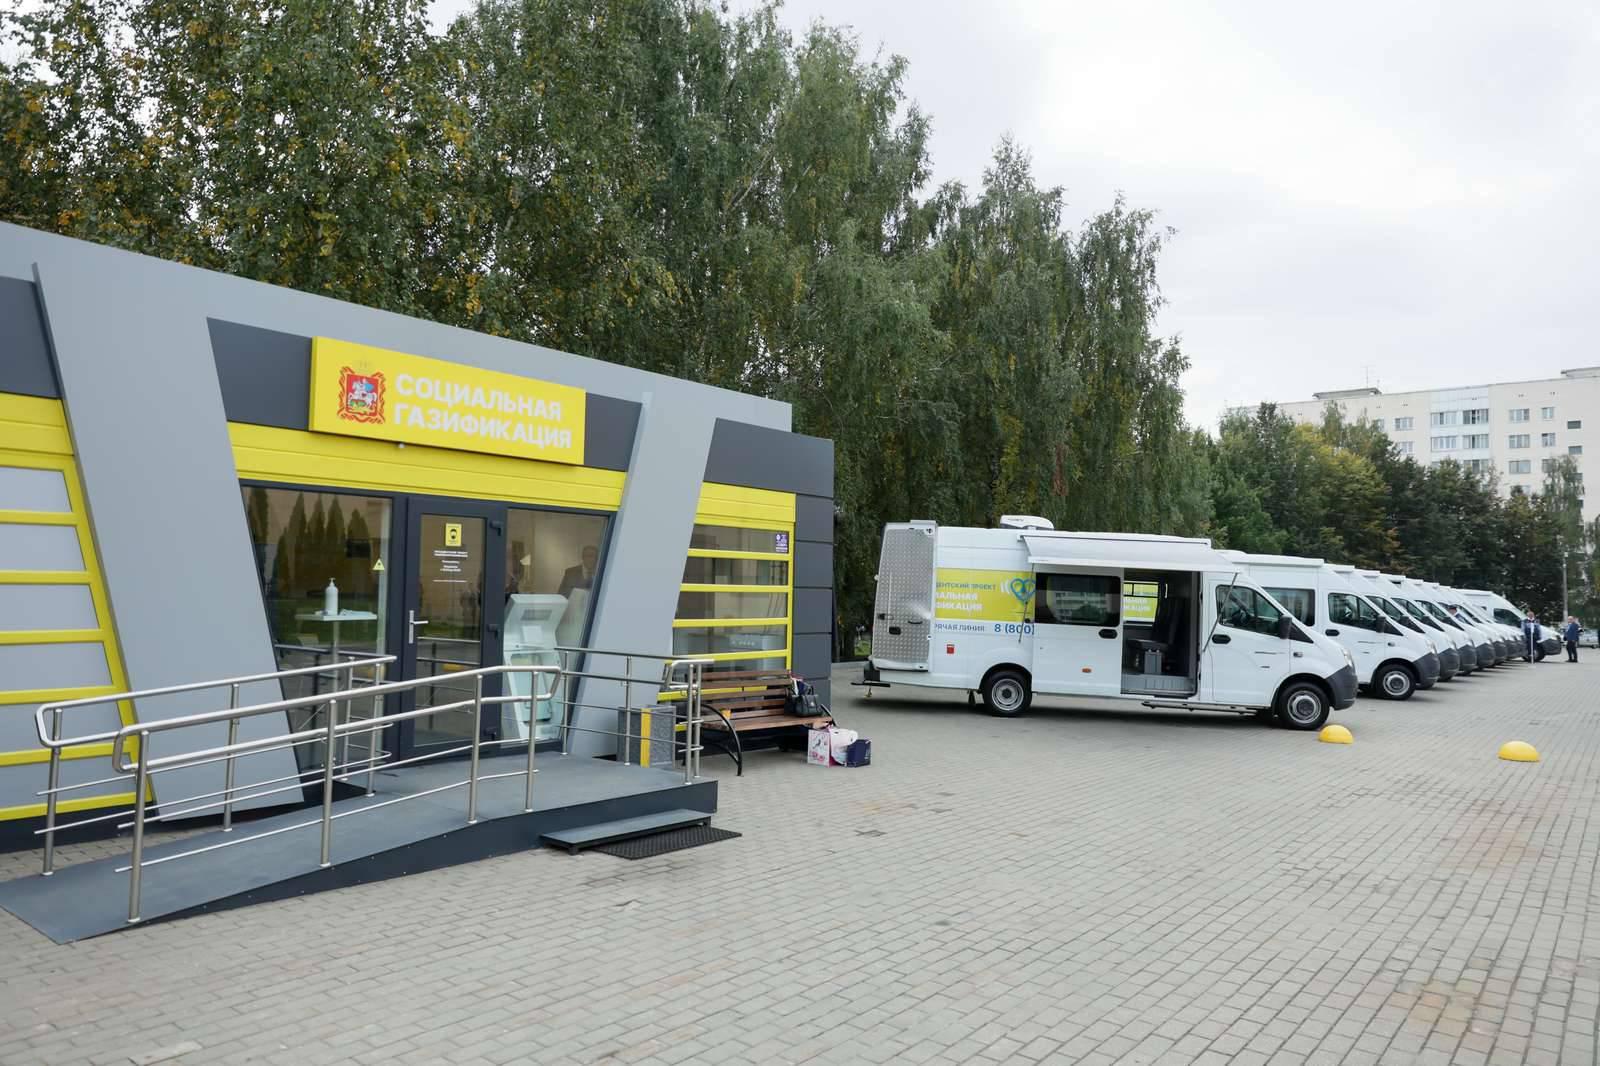 Более 10 тысяч человек посетили офисы социальной газификации в Подмосковье | Изображение 1